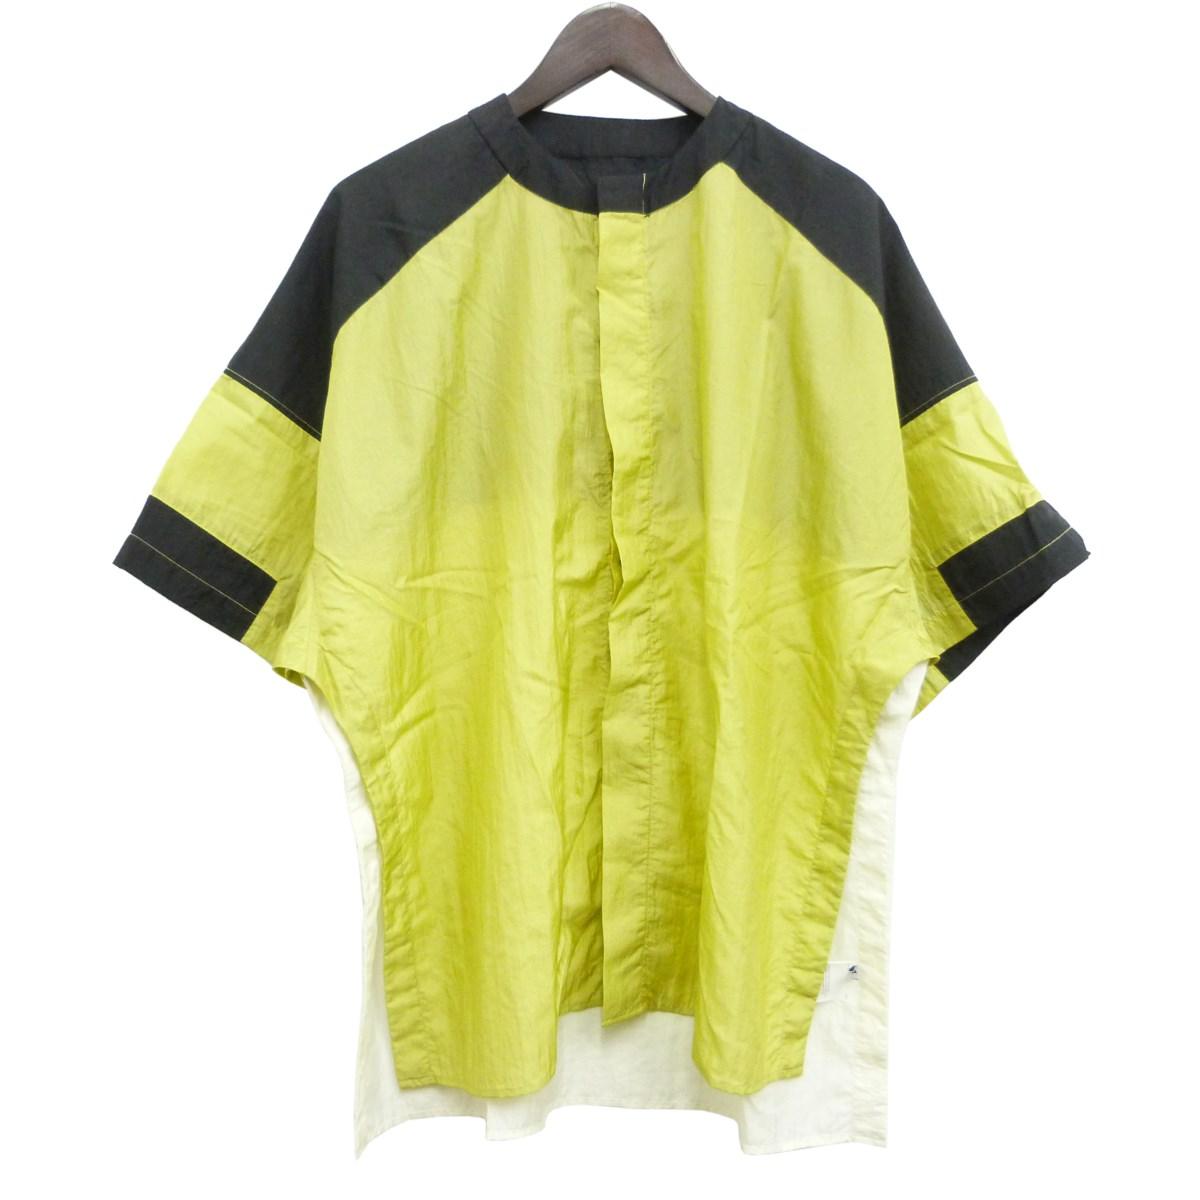 【中古】AMBUSH 「SIDE SLIT SHIRT」サイドスリット半袖シャツ イエロー サイズ:1 【040420】(アンブッシュ)